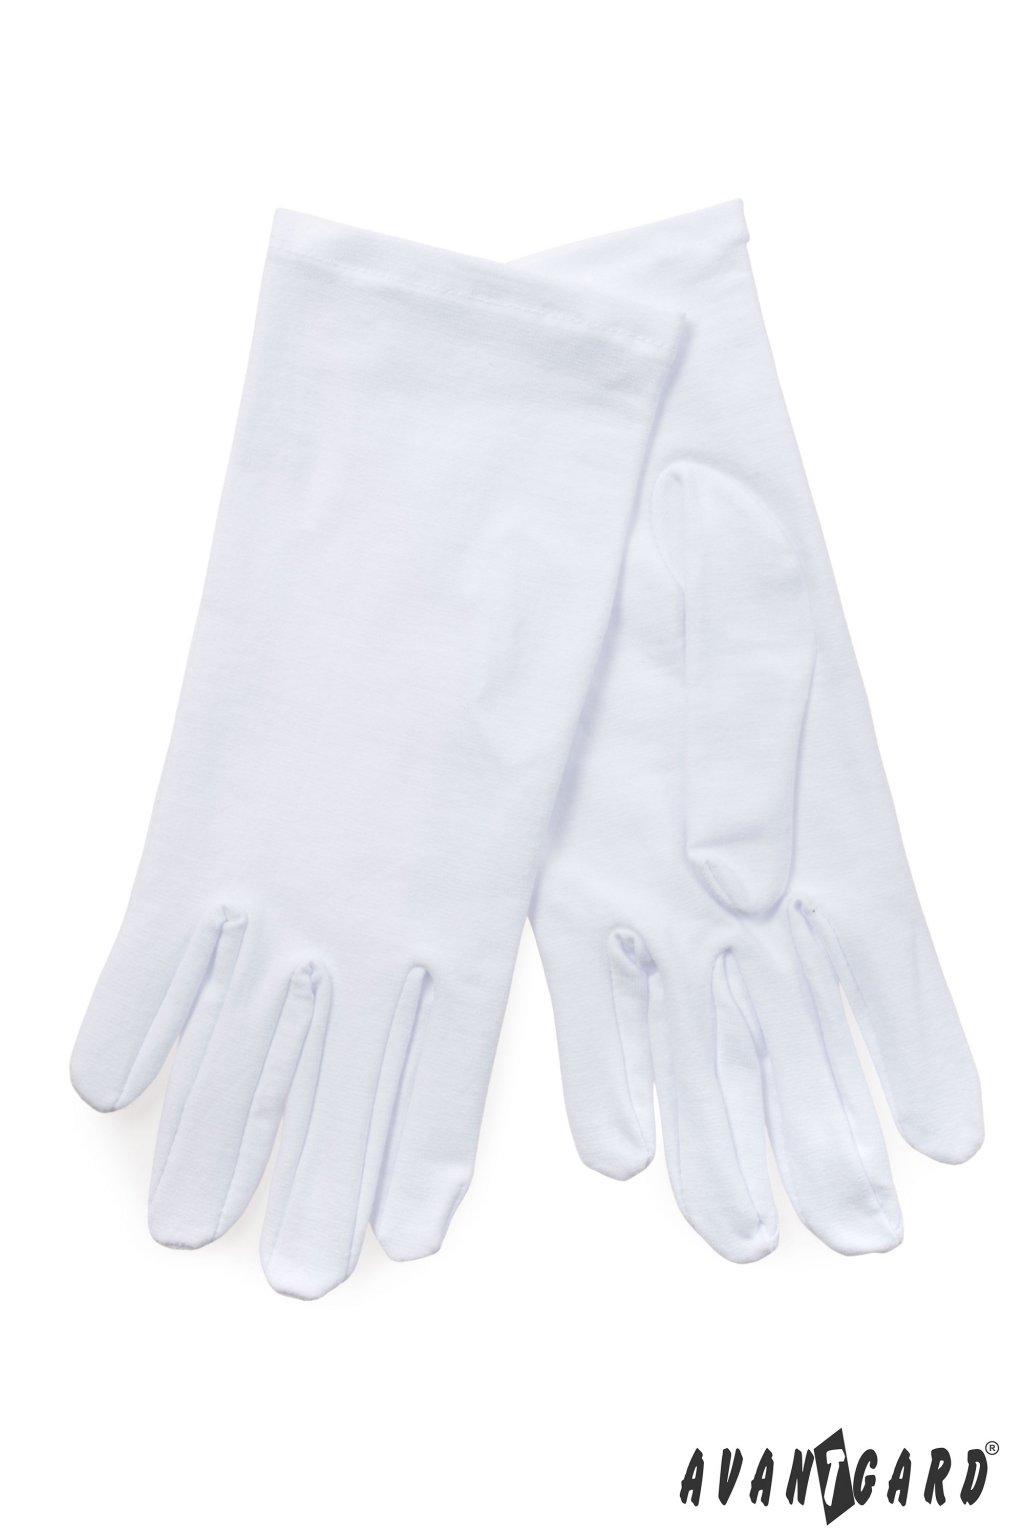 Pánské bílé společenské rukavičky  859 - 1